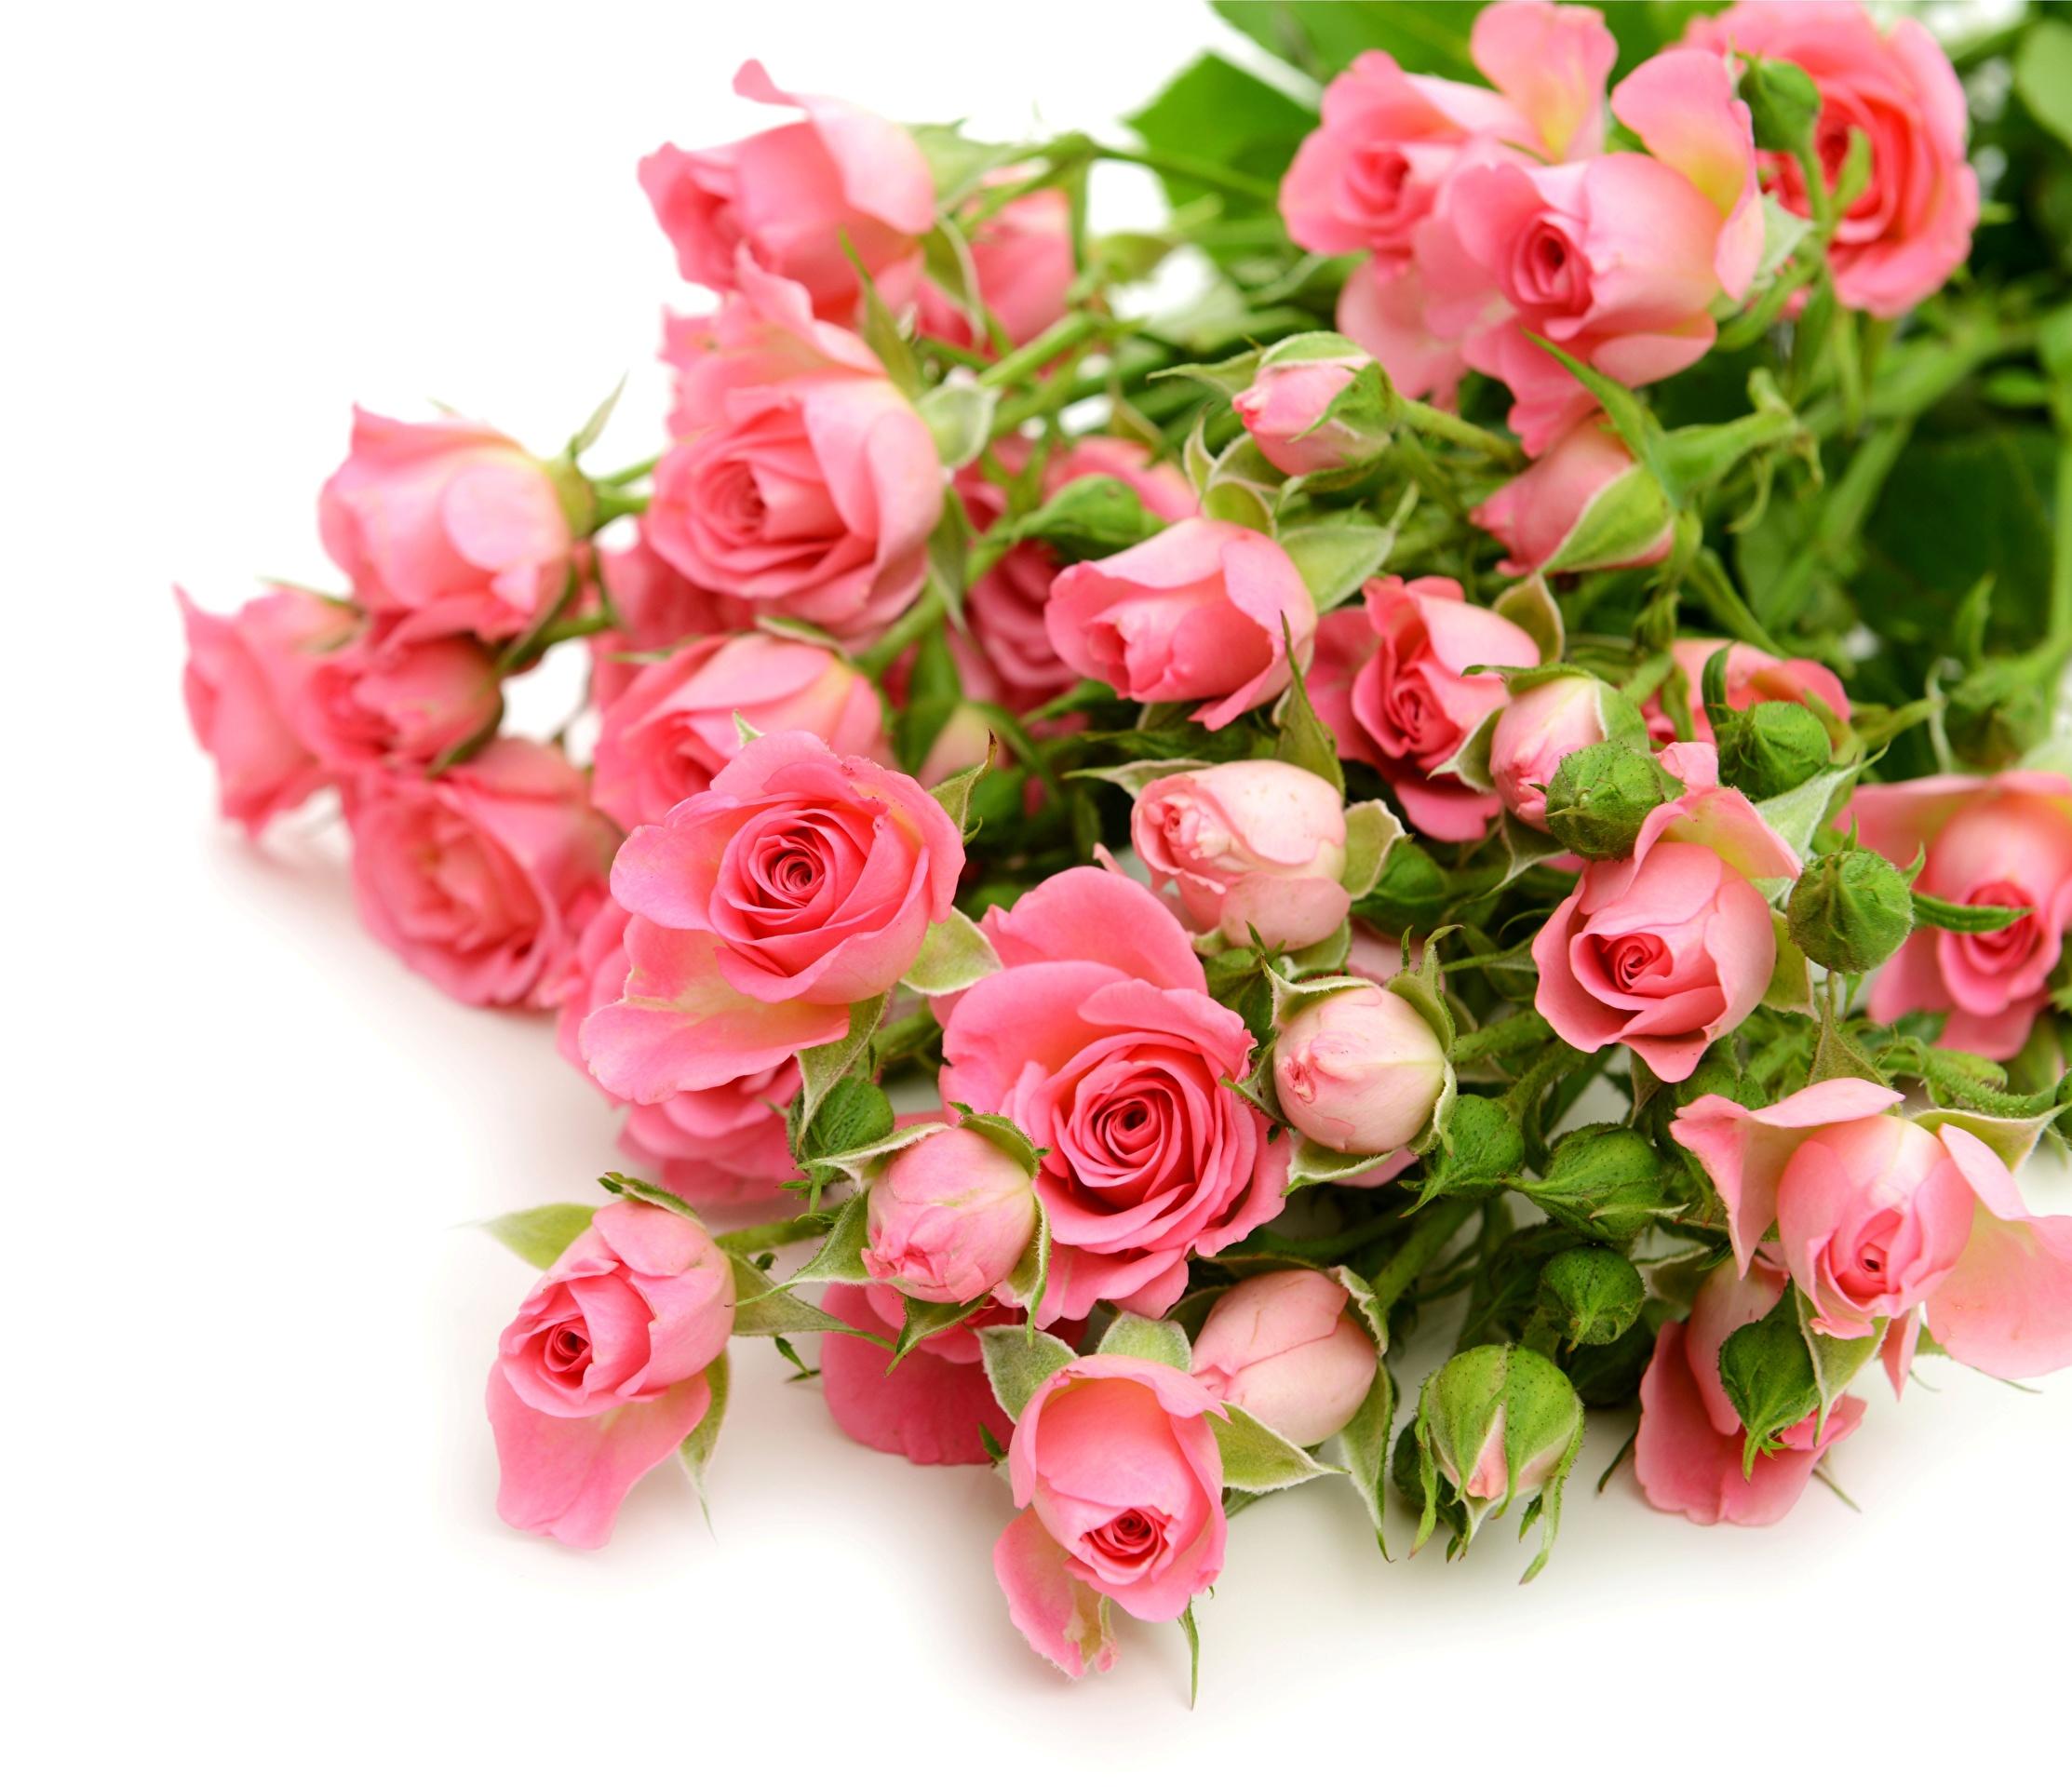 Букеты роз для поздравления картинки 327